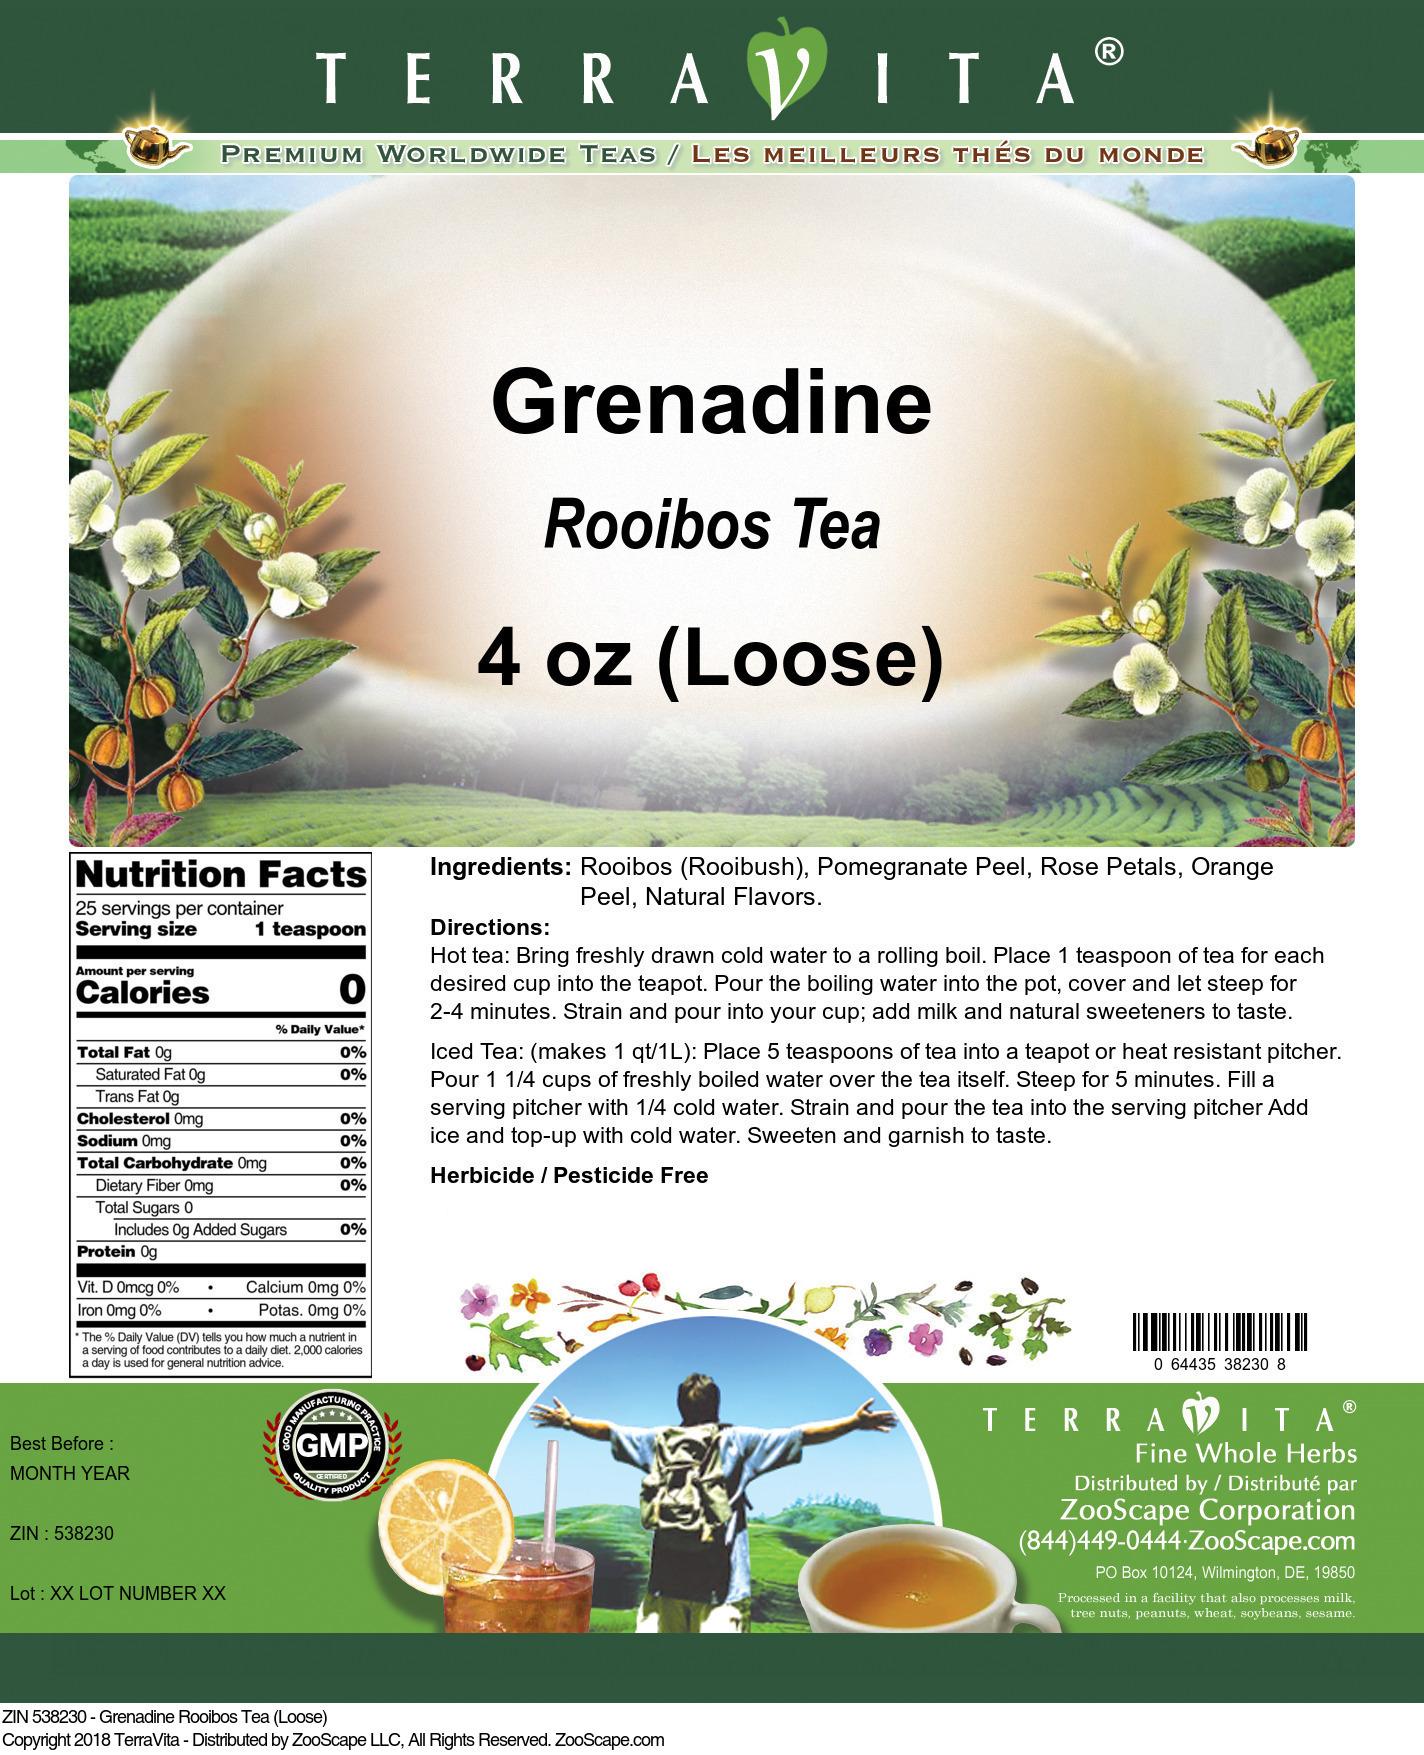 Grenadine Rooibos Tea (Loose)